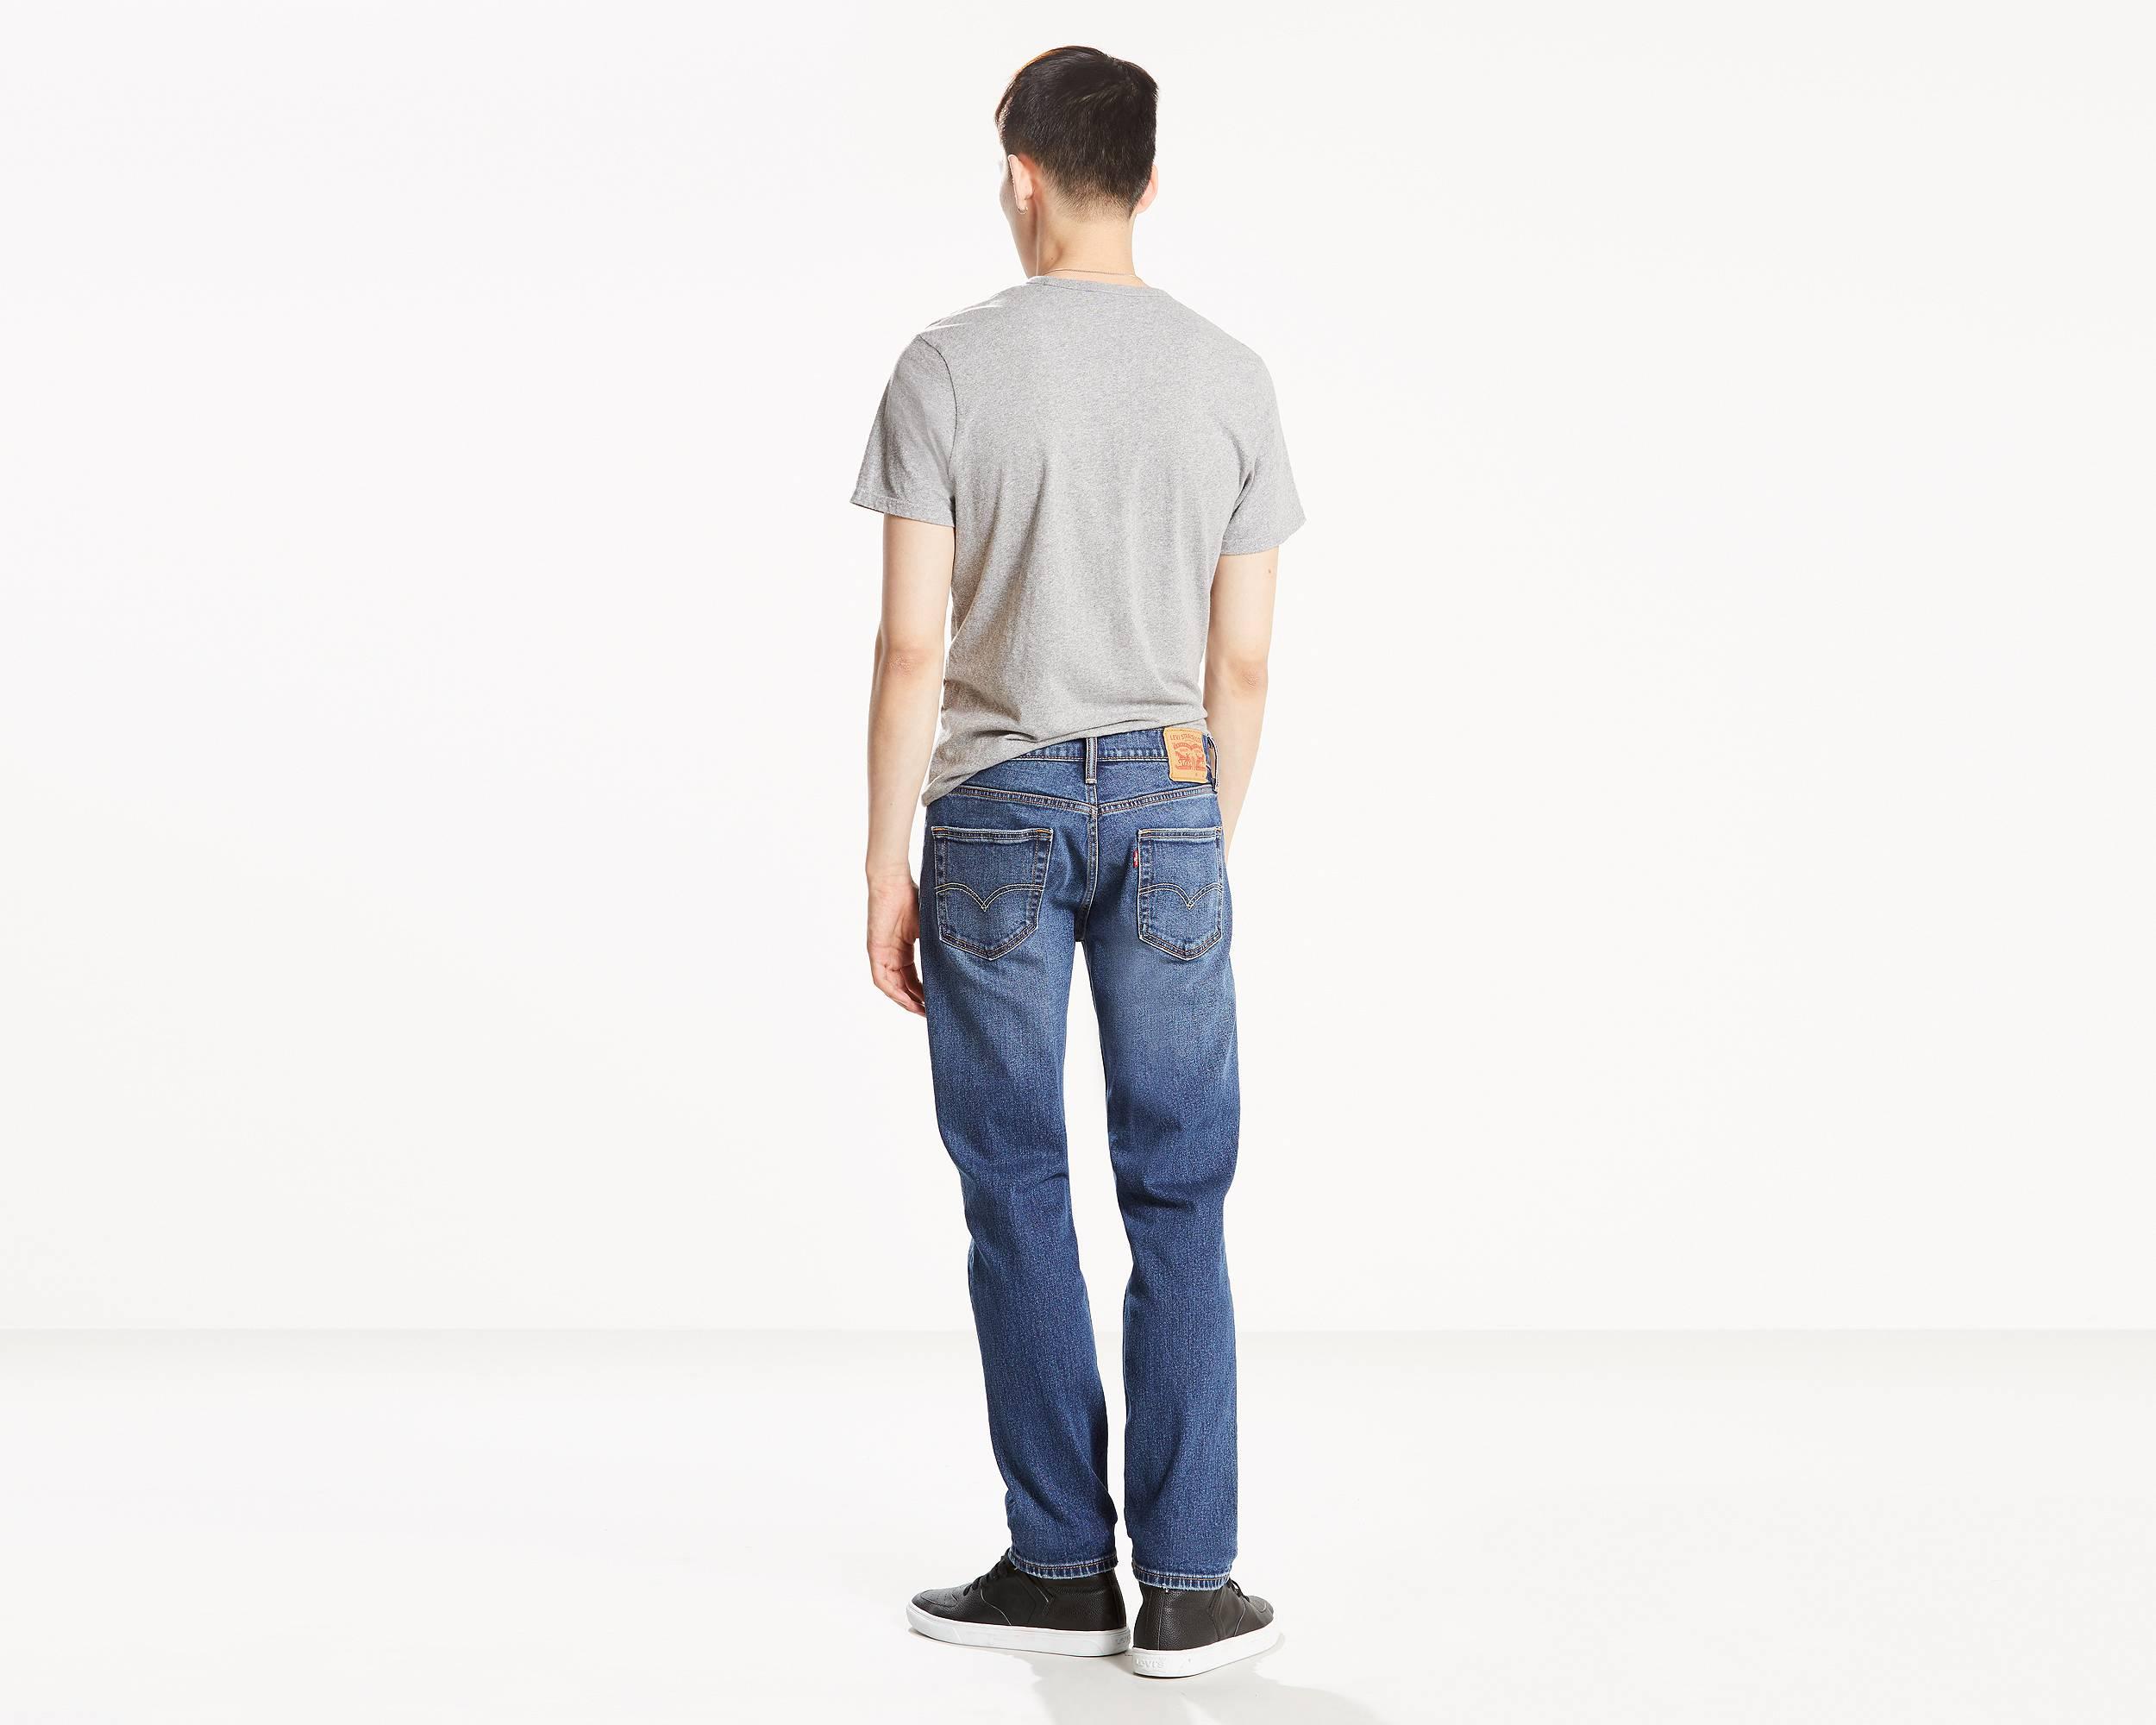 Levis jeans 511 tm